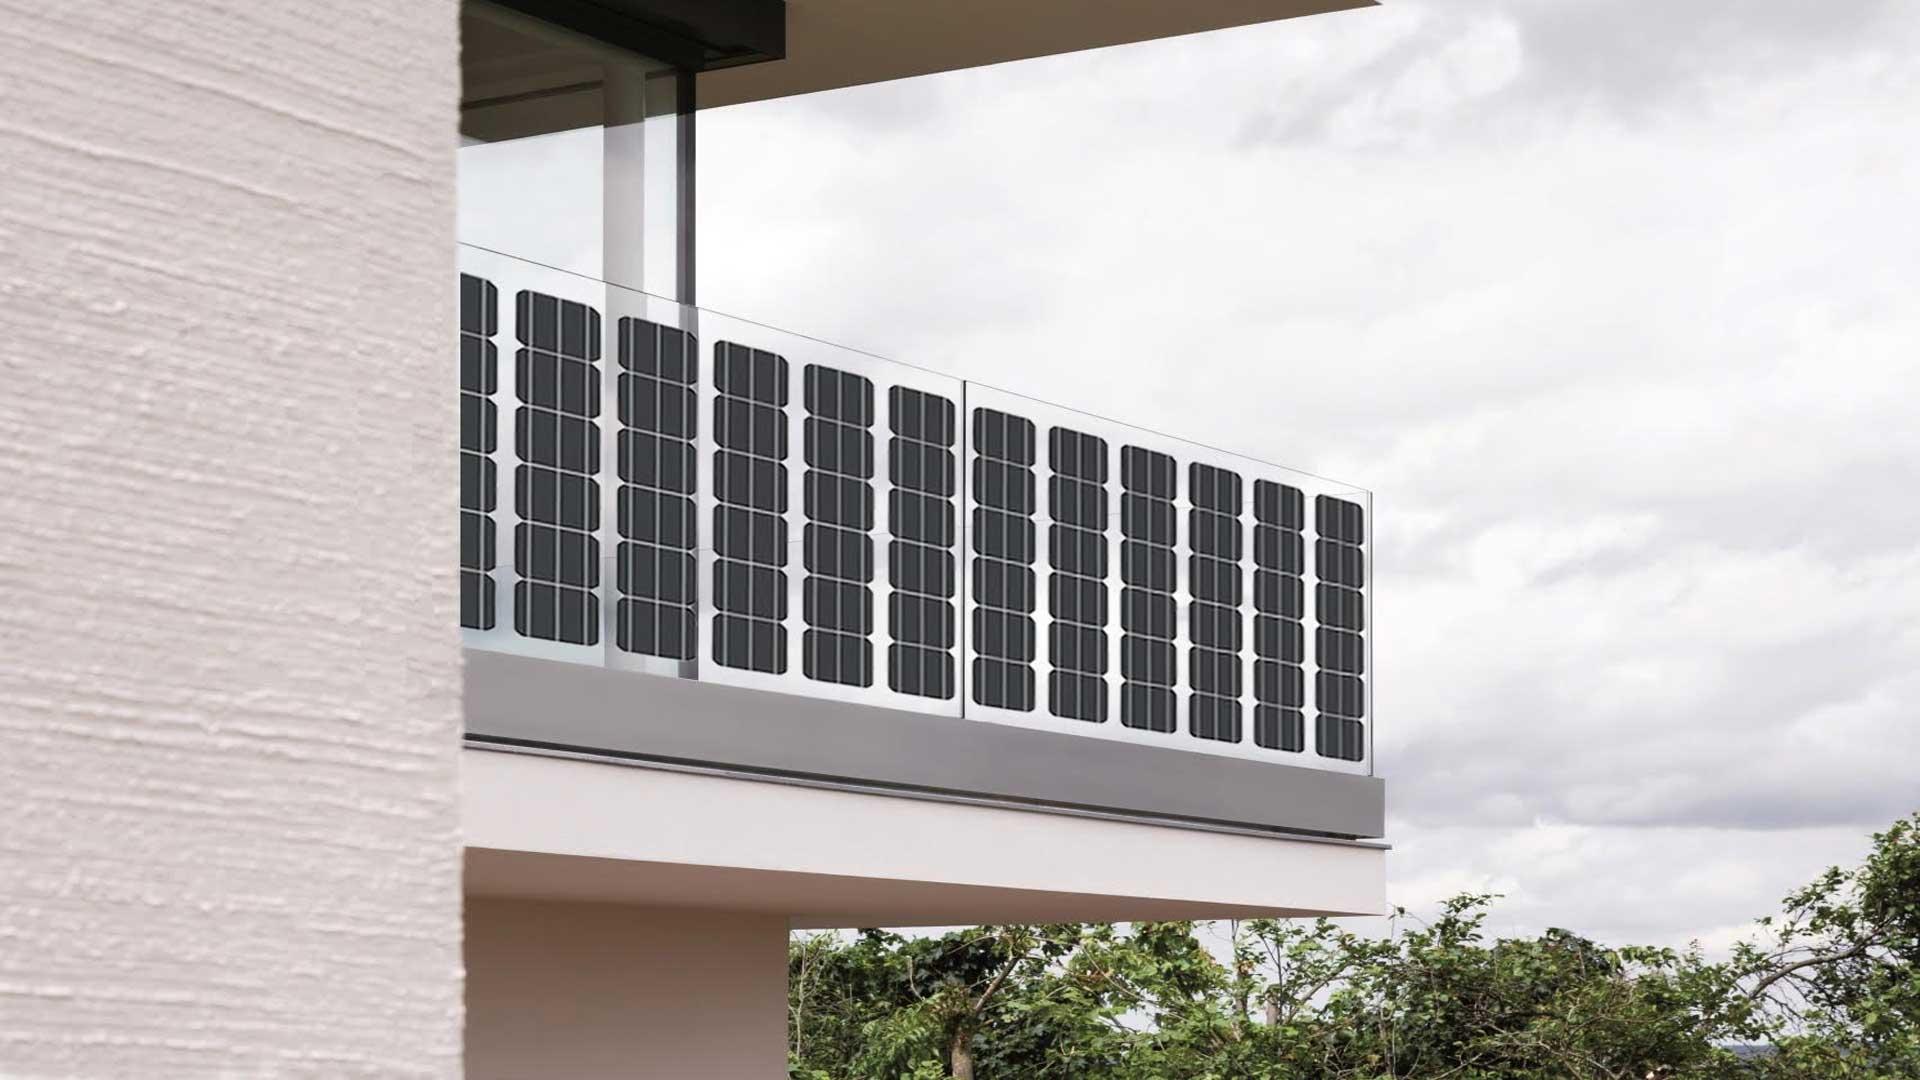 Solare Balkongelander Von A2 Solar